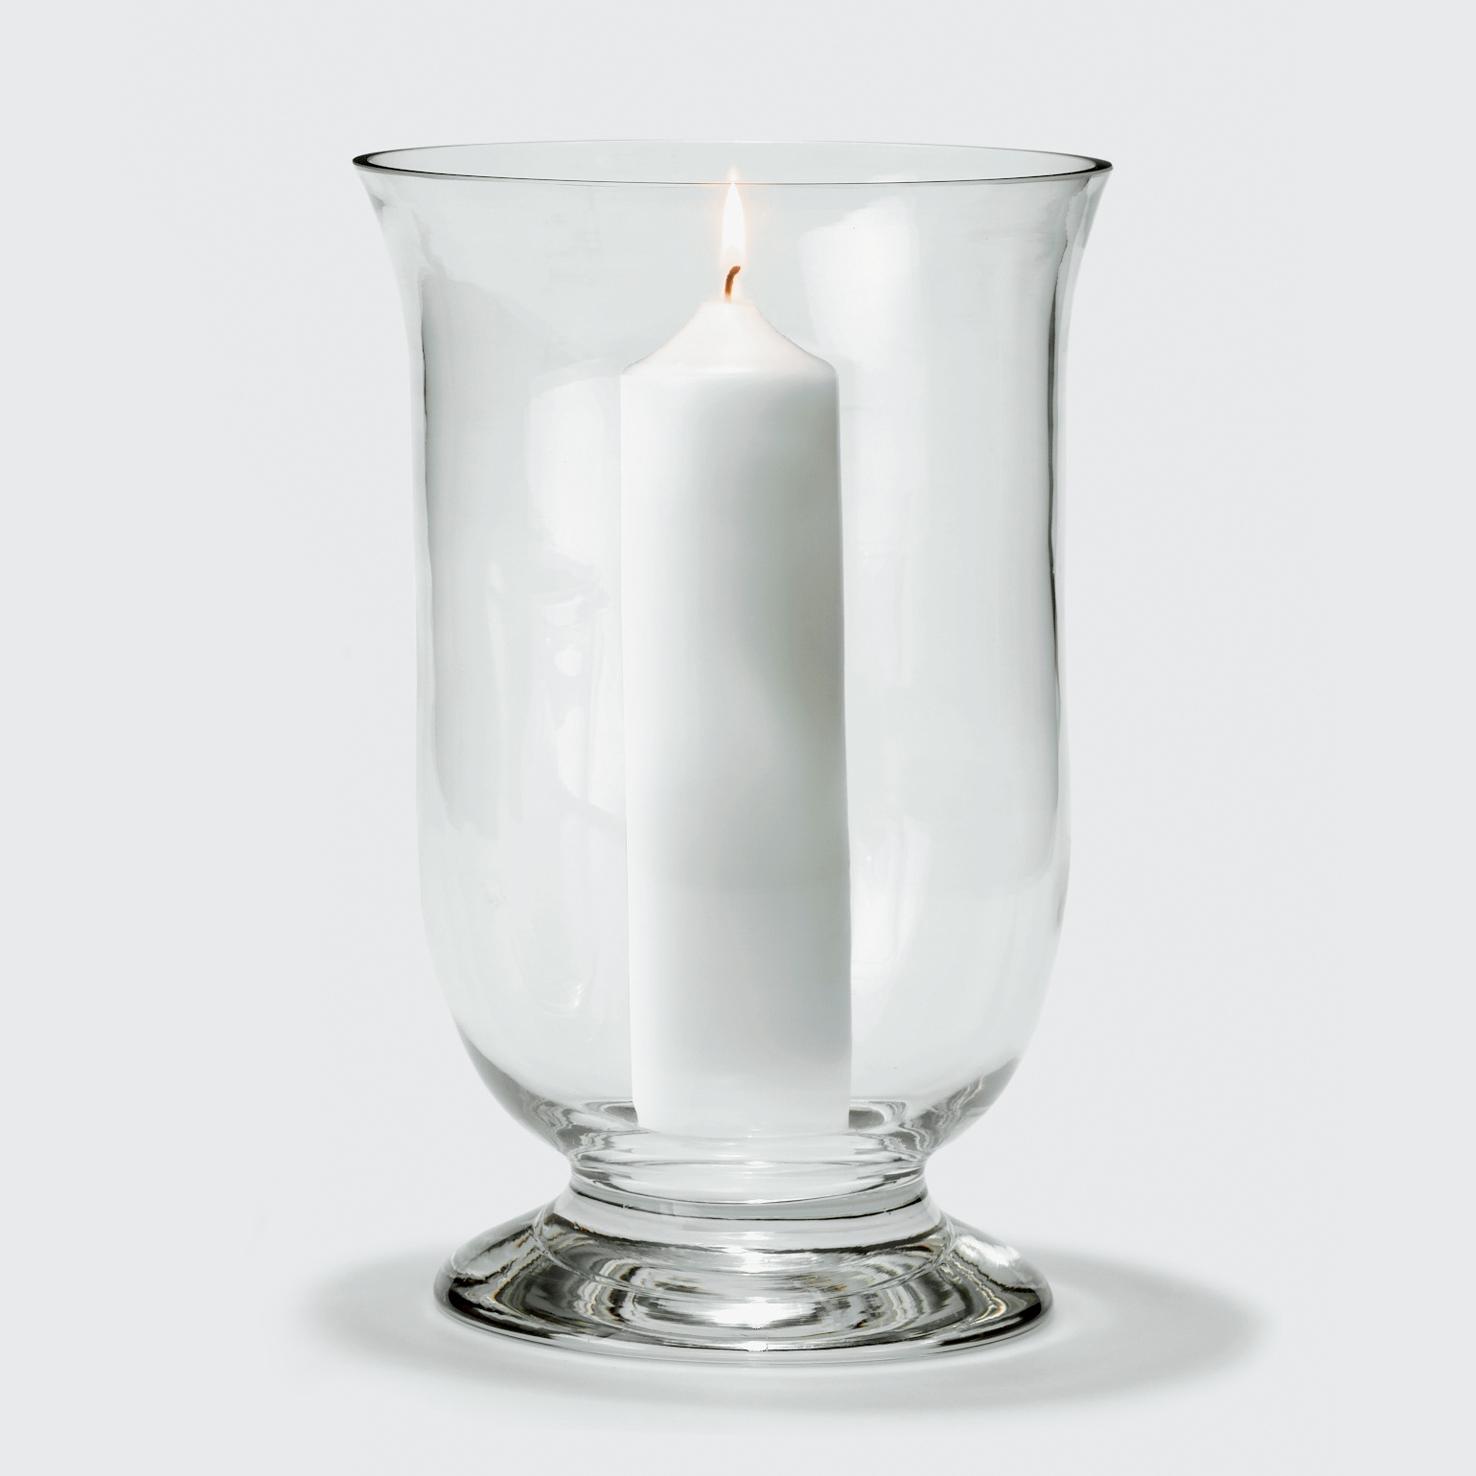 Lambert Mallorca Windlicht Glas klar, verschiedene Größen